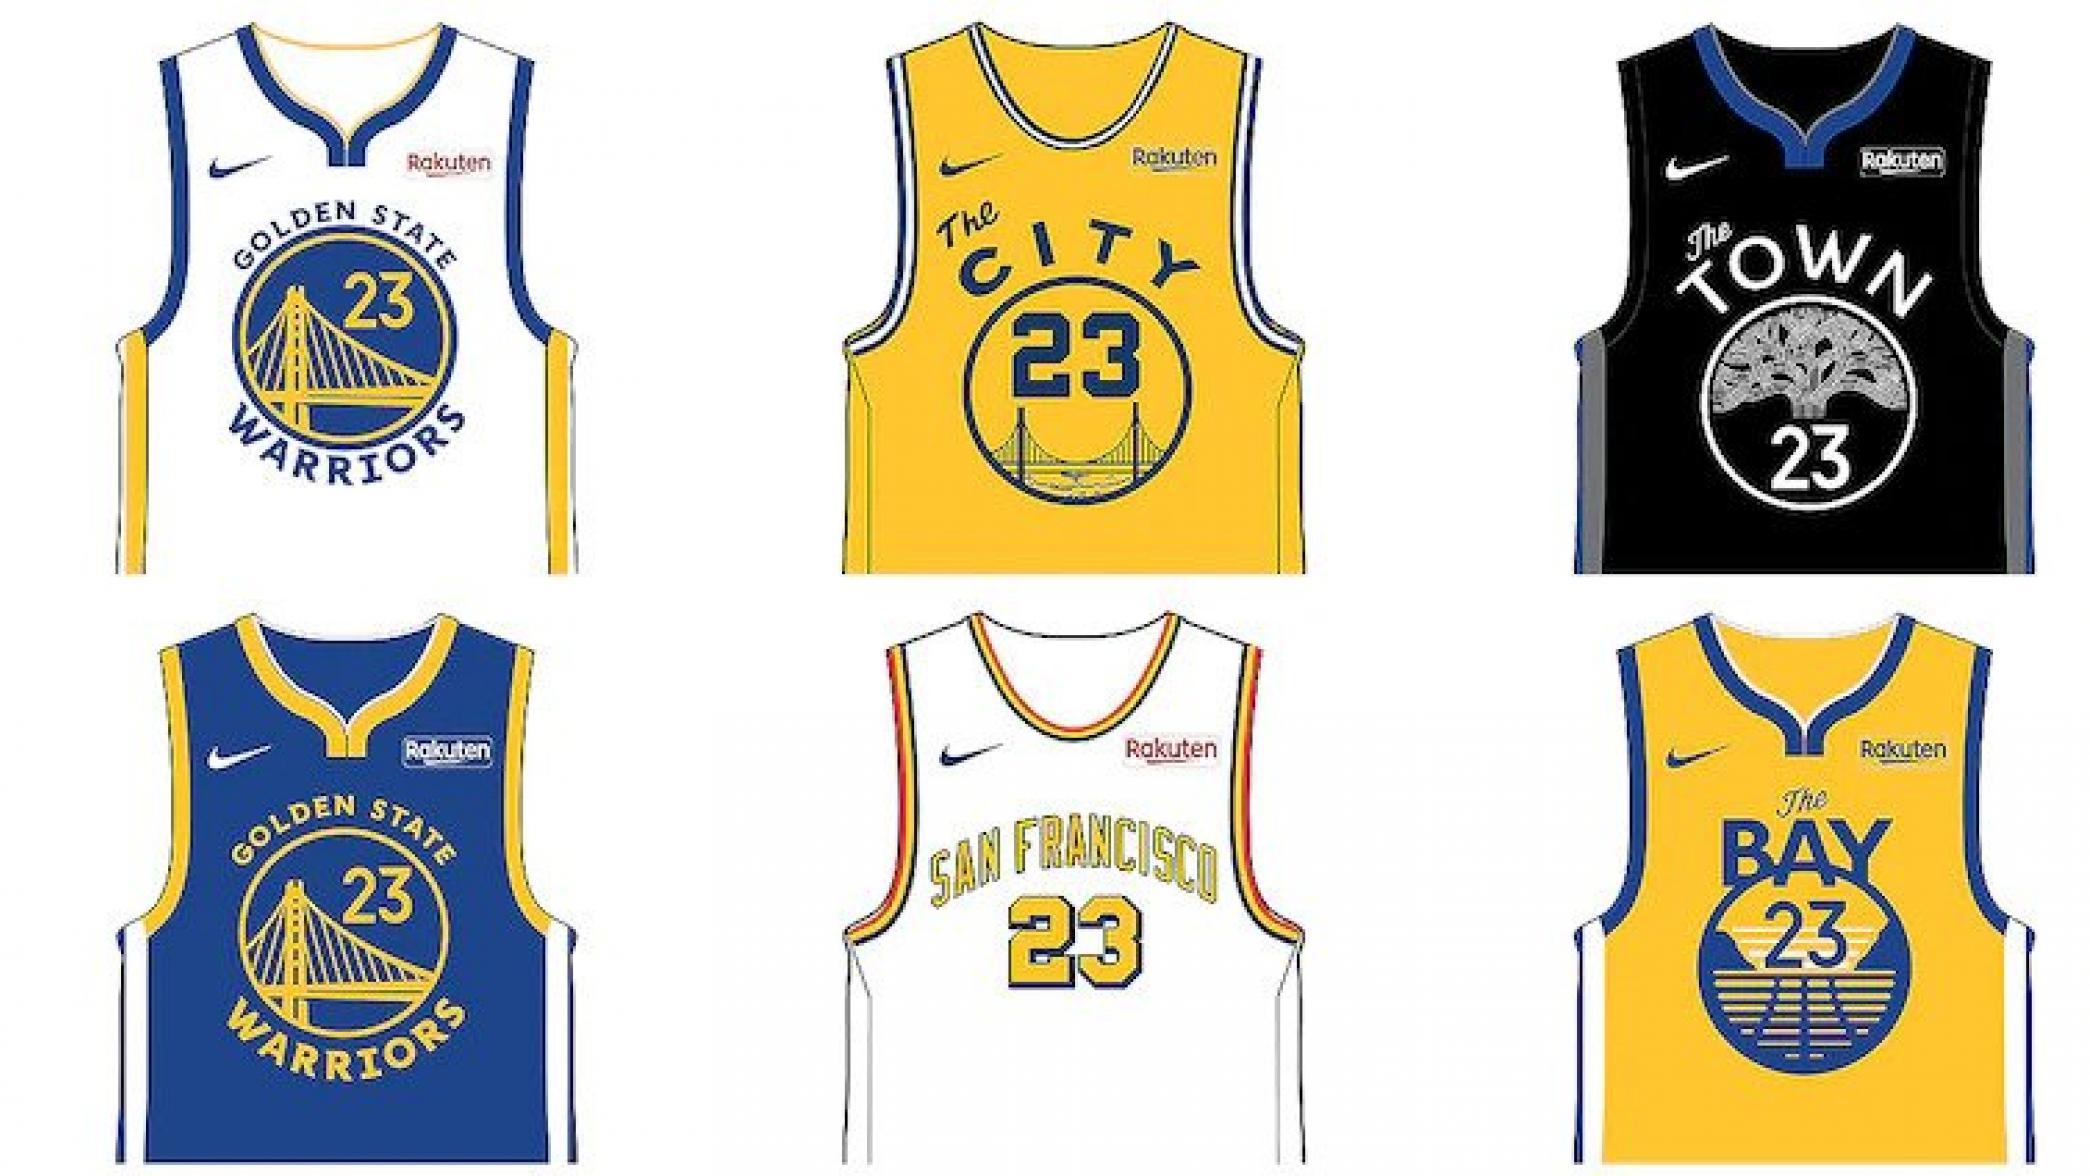 金州勇士队为2019-20赛季推出6款新的球衣设计